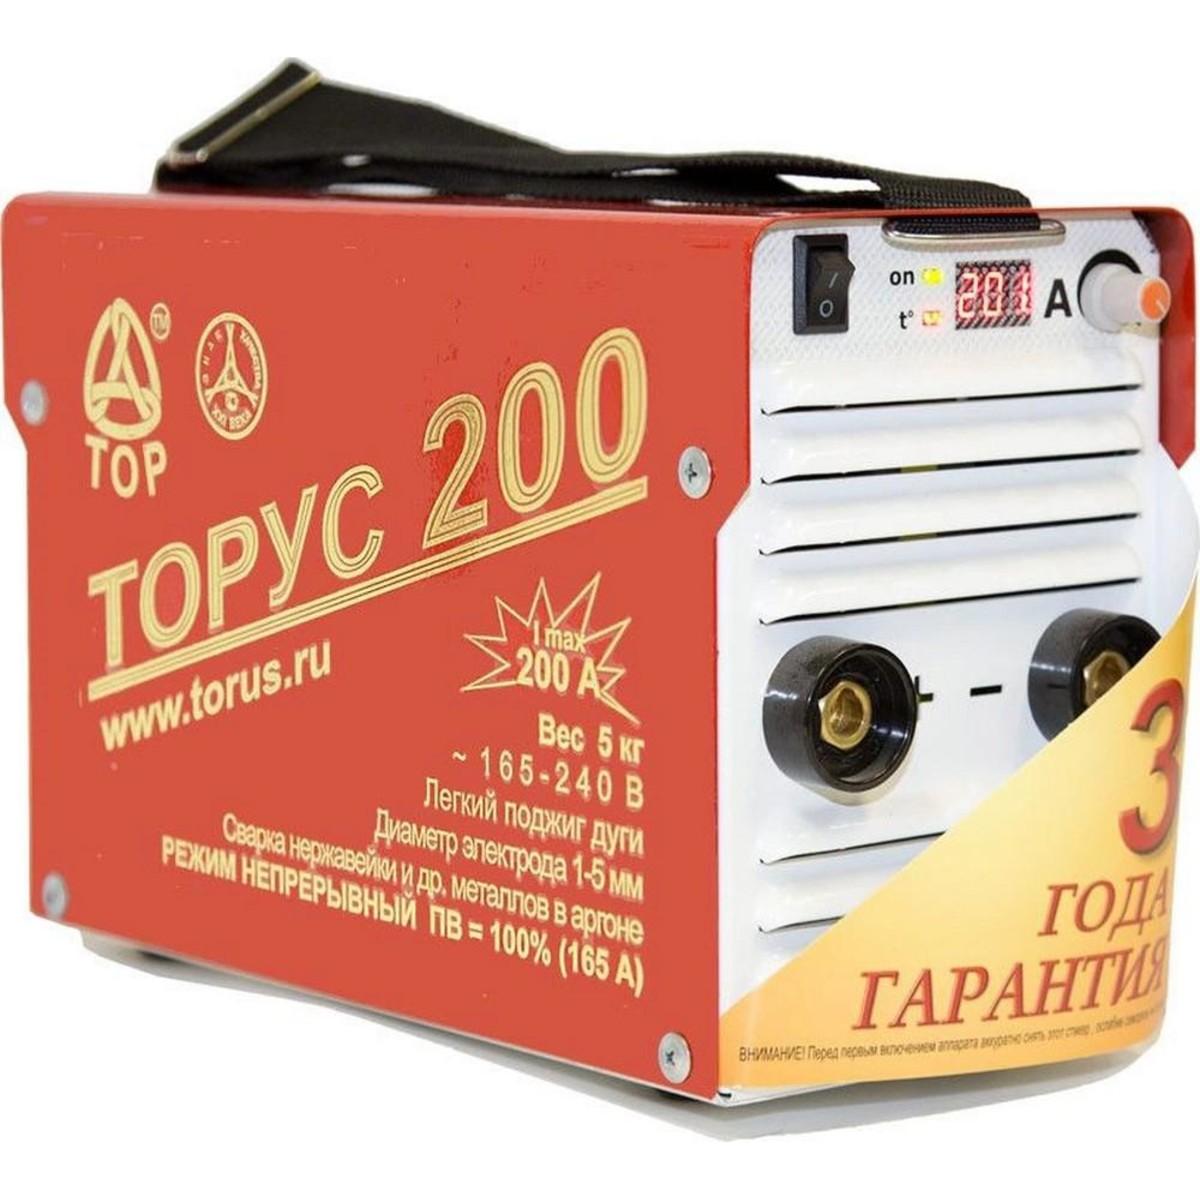 Дуговой Сварочный Инвертор Торус 200 + Комплект Проводов 95566019